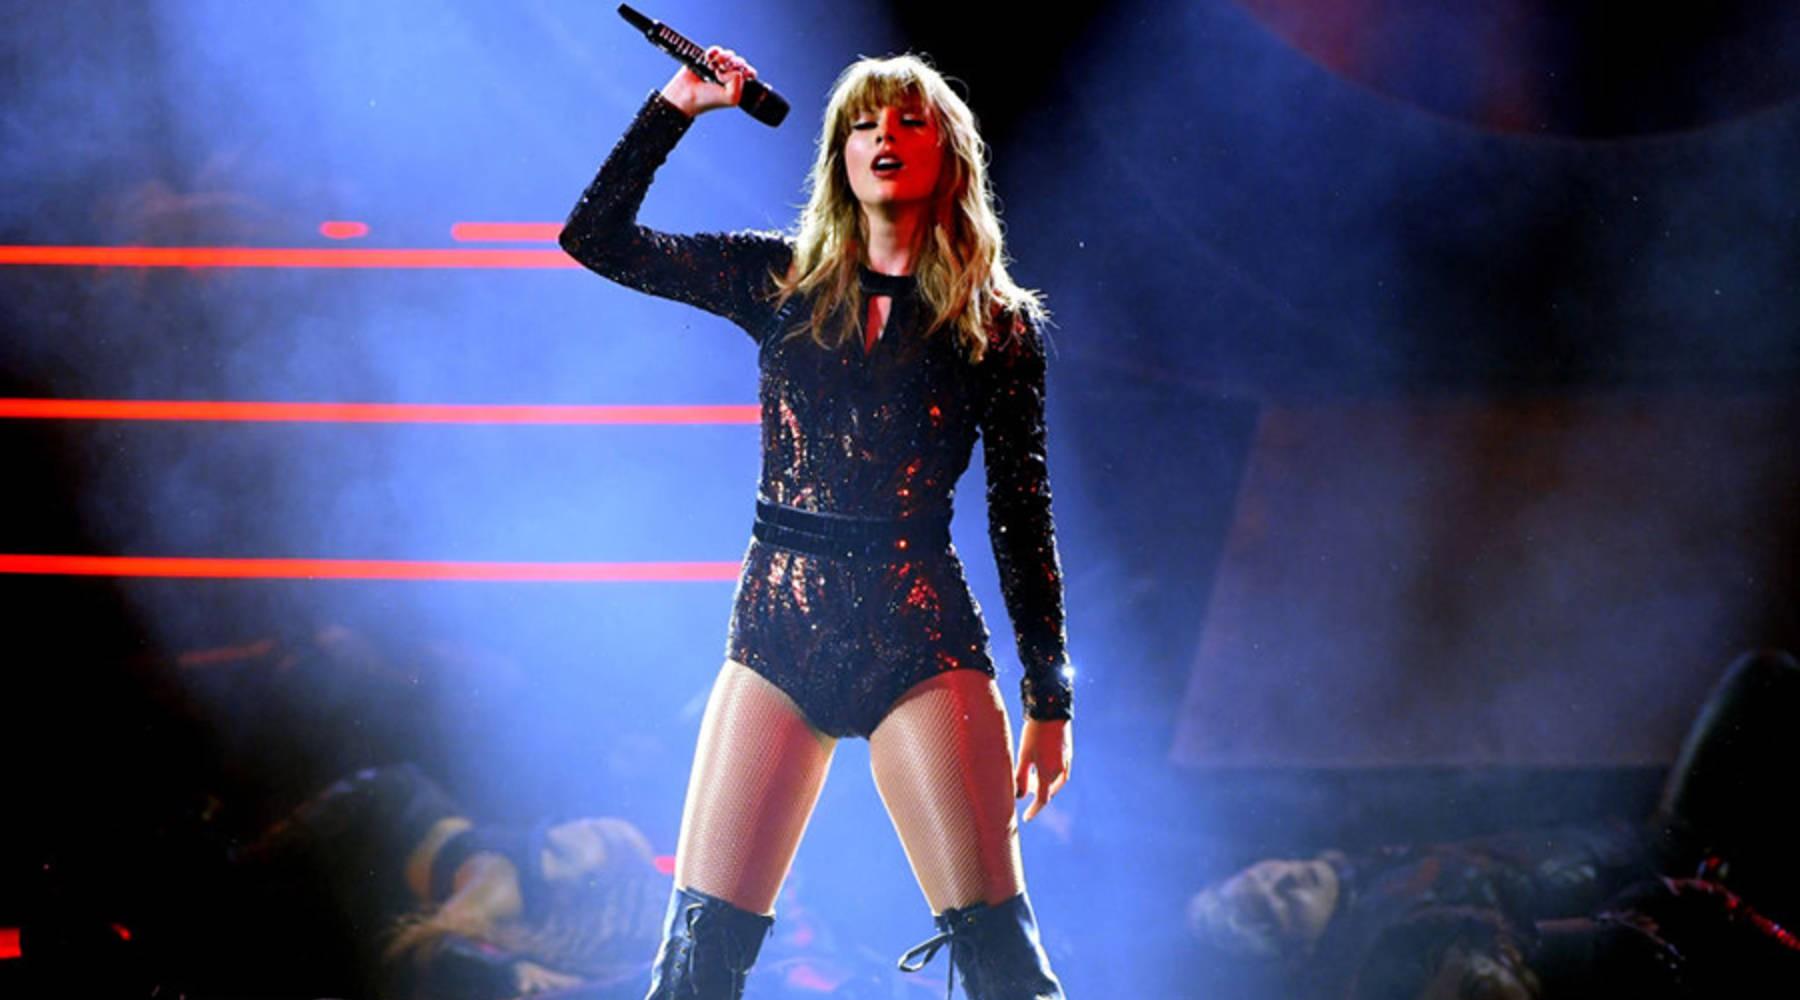 Taylor Swift dành cả thanh xuân để hầu toà: Từ xù tiền hợp đồng, quịt cát sê đến đạo nhạc - Ảnh 3.